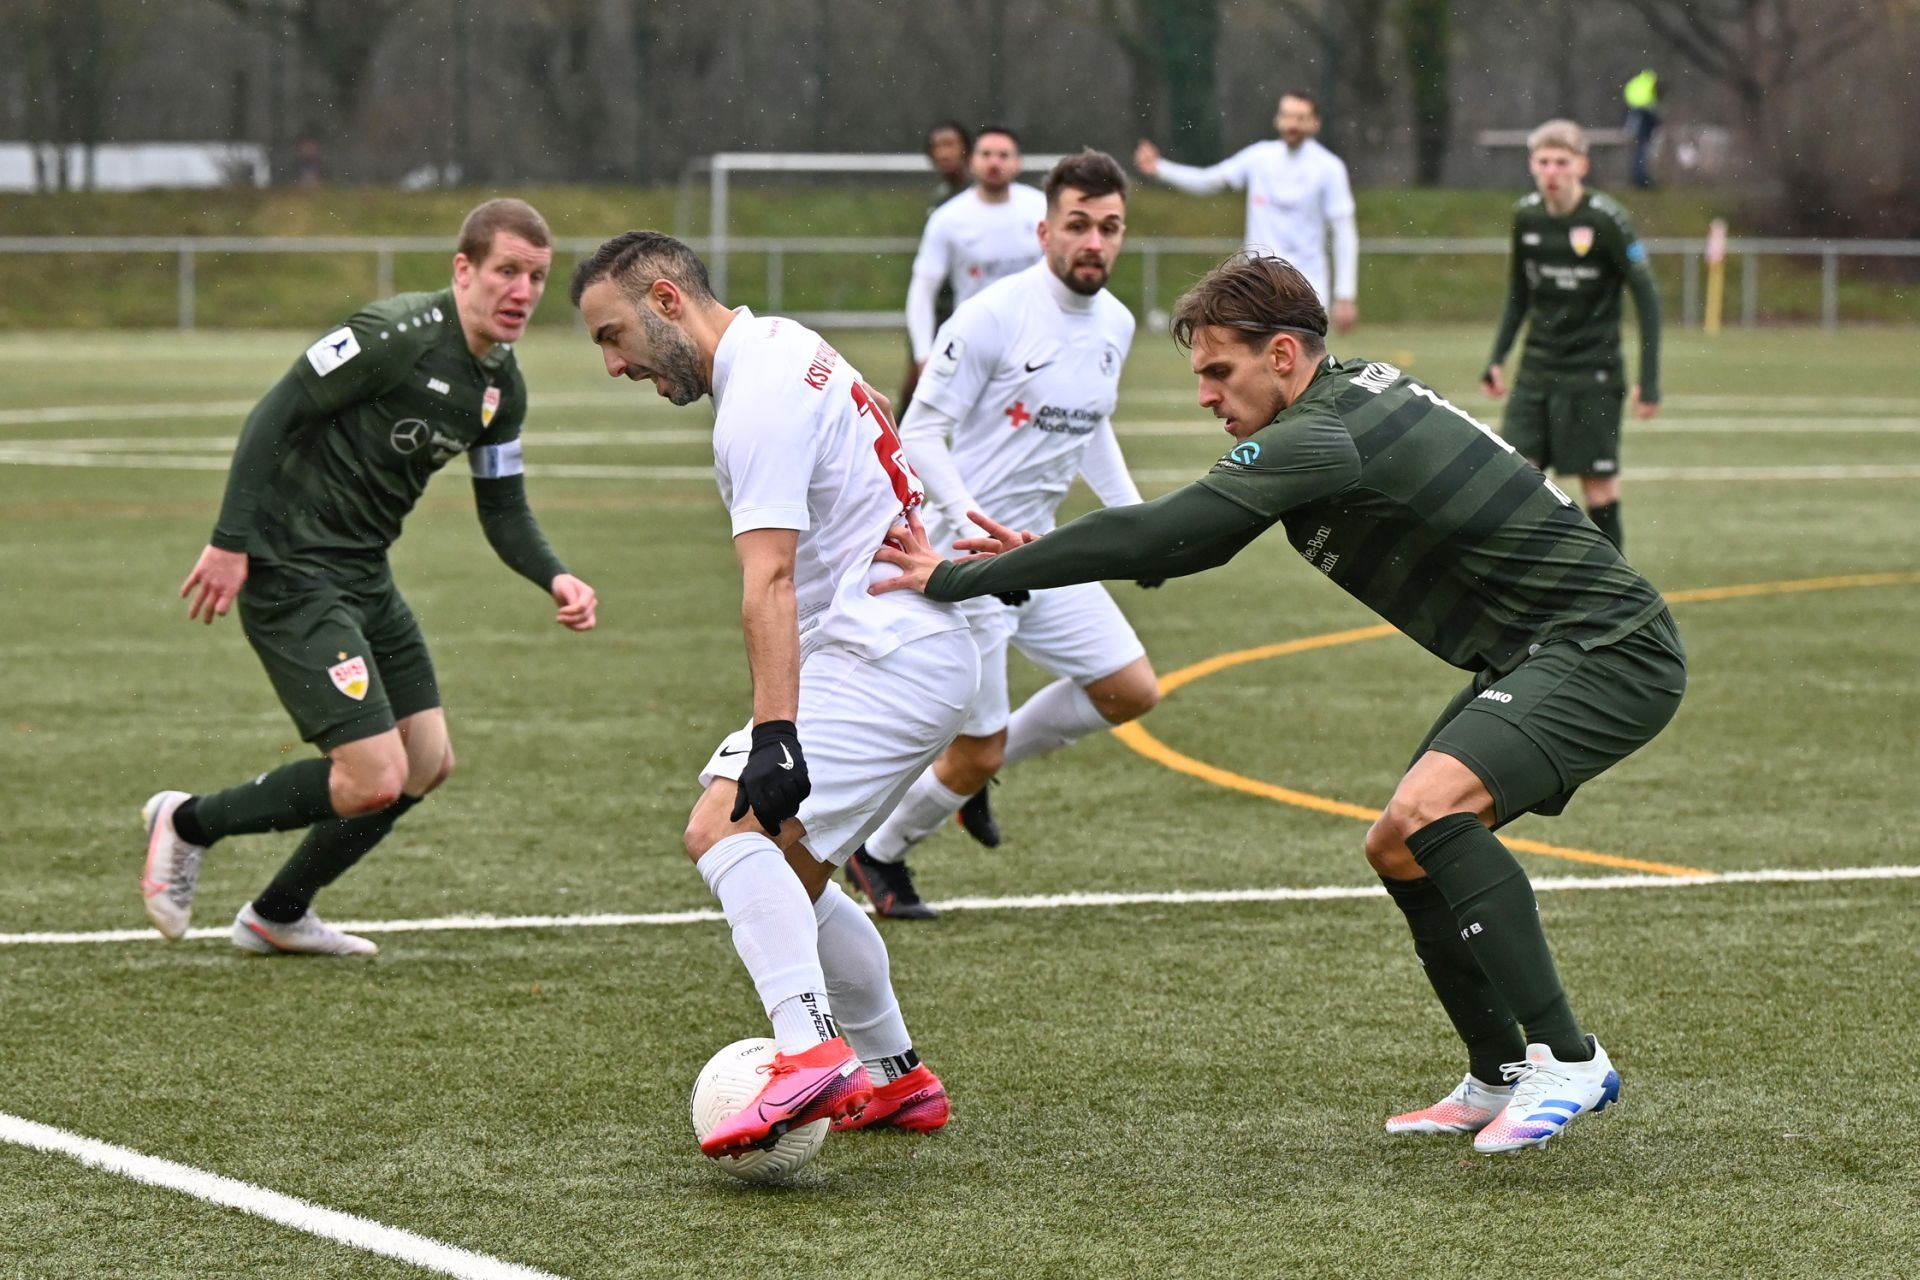 Regionalliga Südwest 2020/21, KSV Hessen Kassel, VfB Stuttgart II, Endstand 0:4, Mahir Saglik